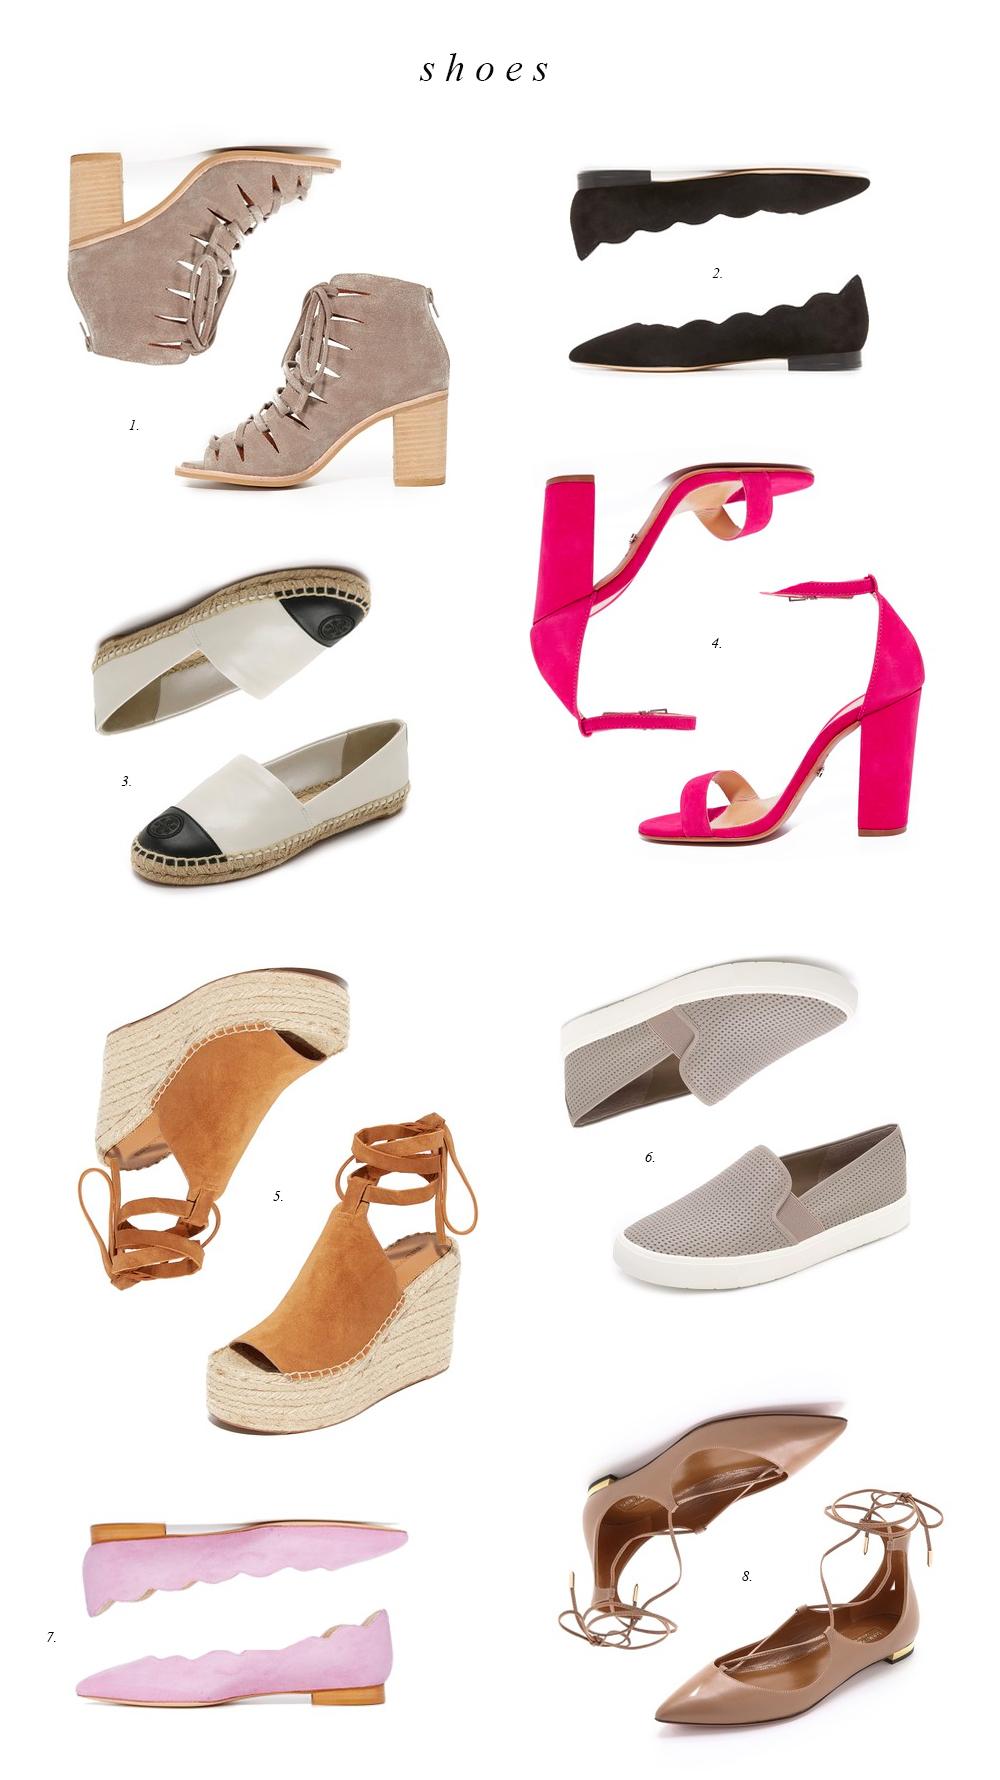 shoes-shopbop